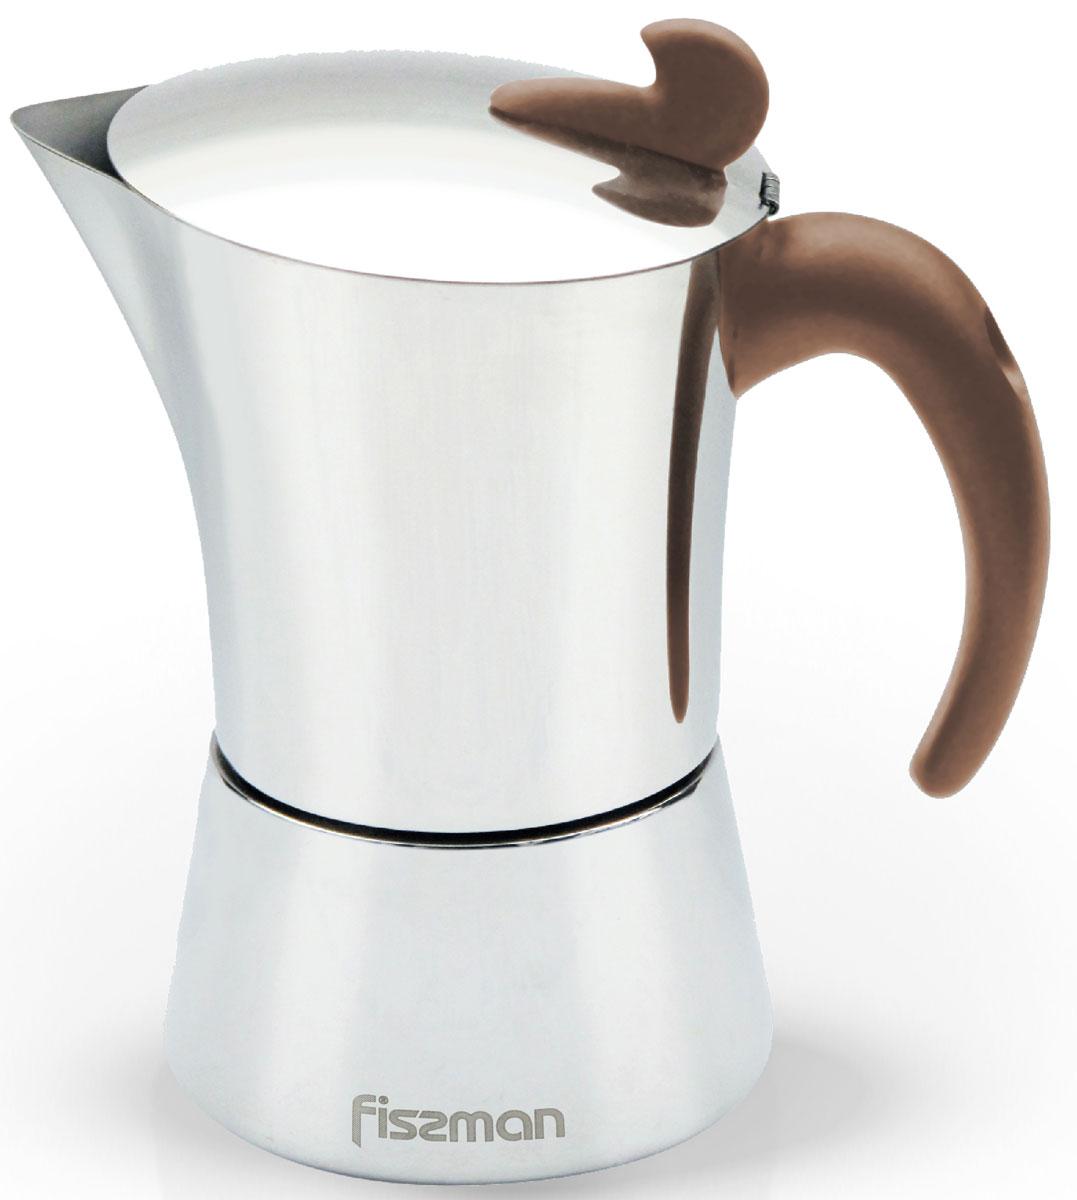 Кофеварка гейзерная Fissman, на 4 порции, 240 млEM-9414.6Перед первым использованием посуду следует помыть и протереть сухой тряпкой.